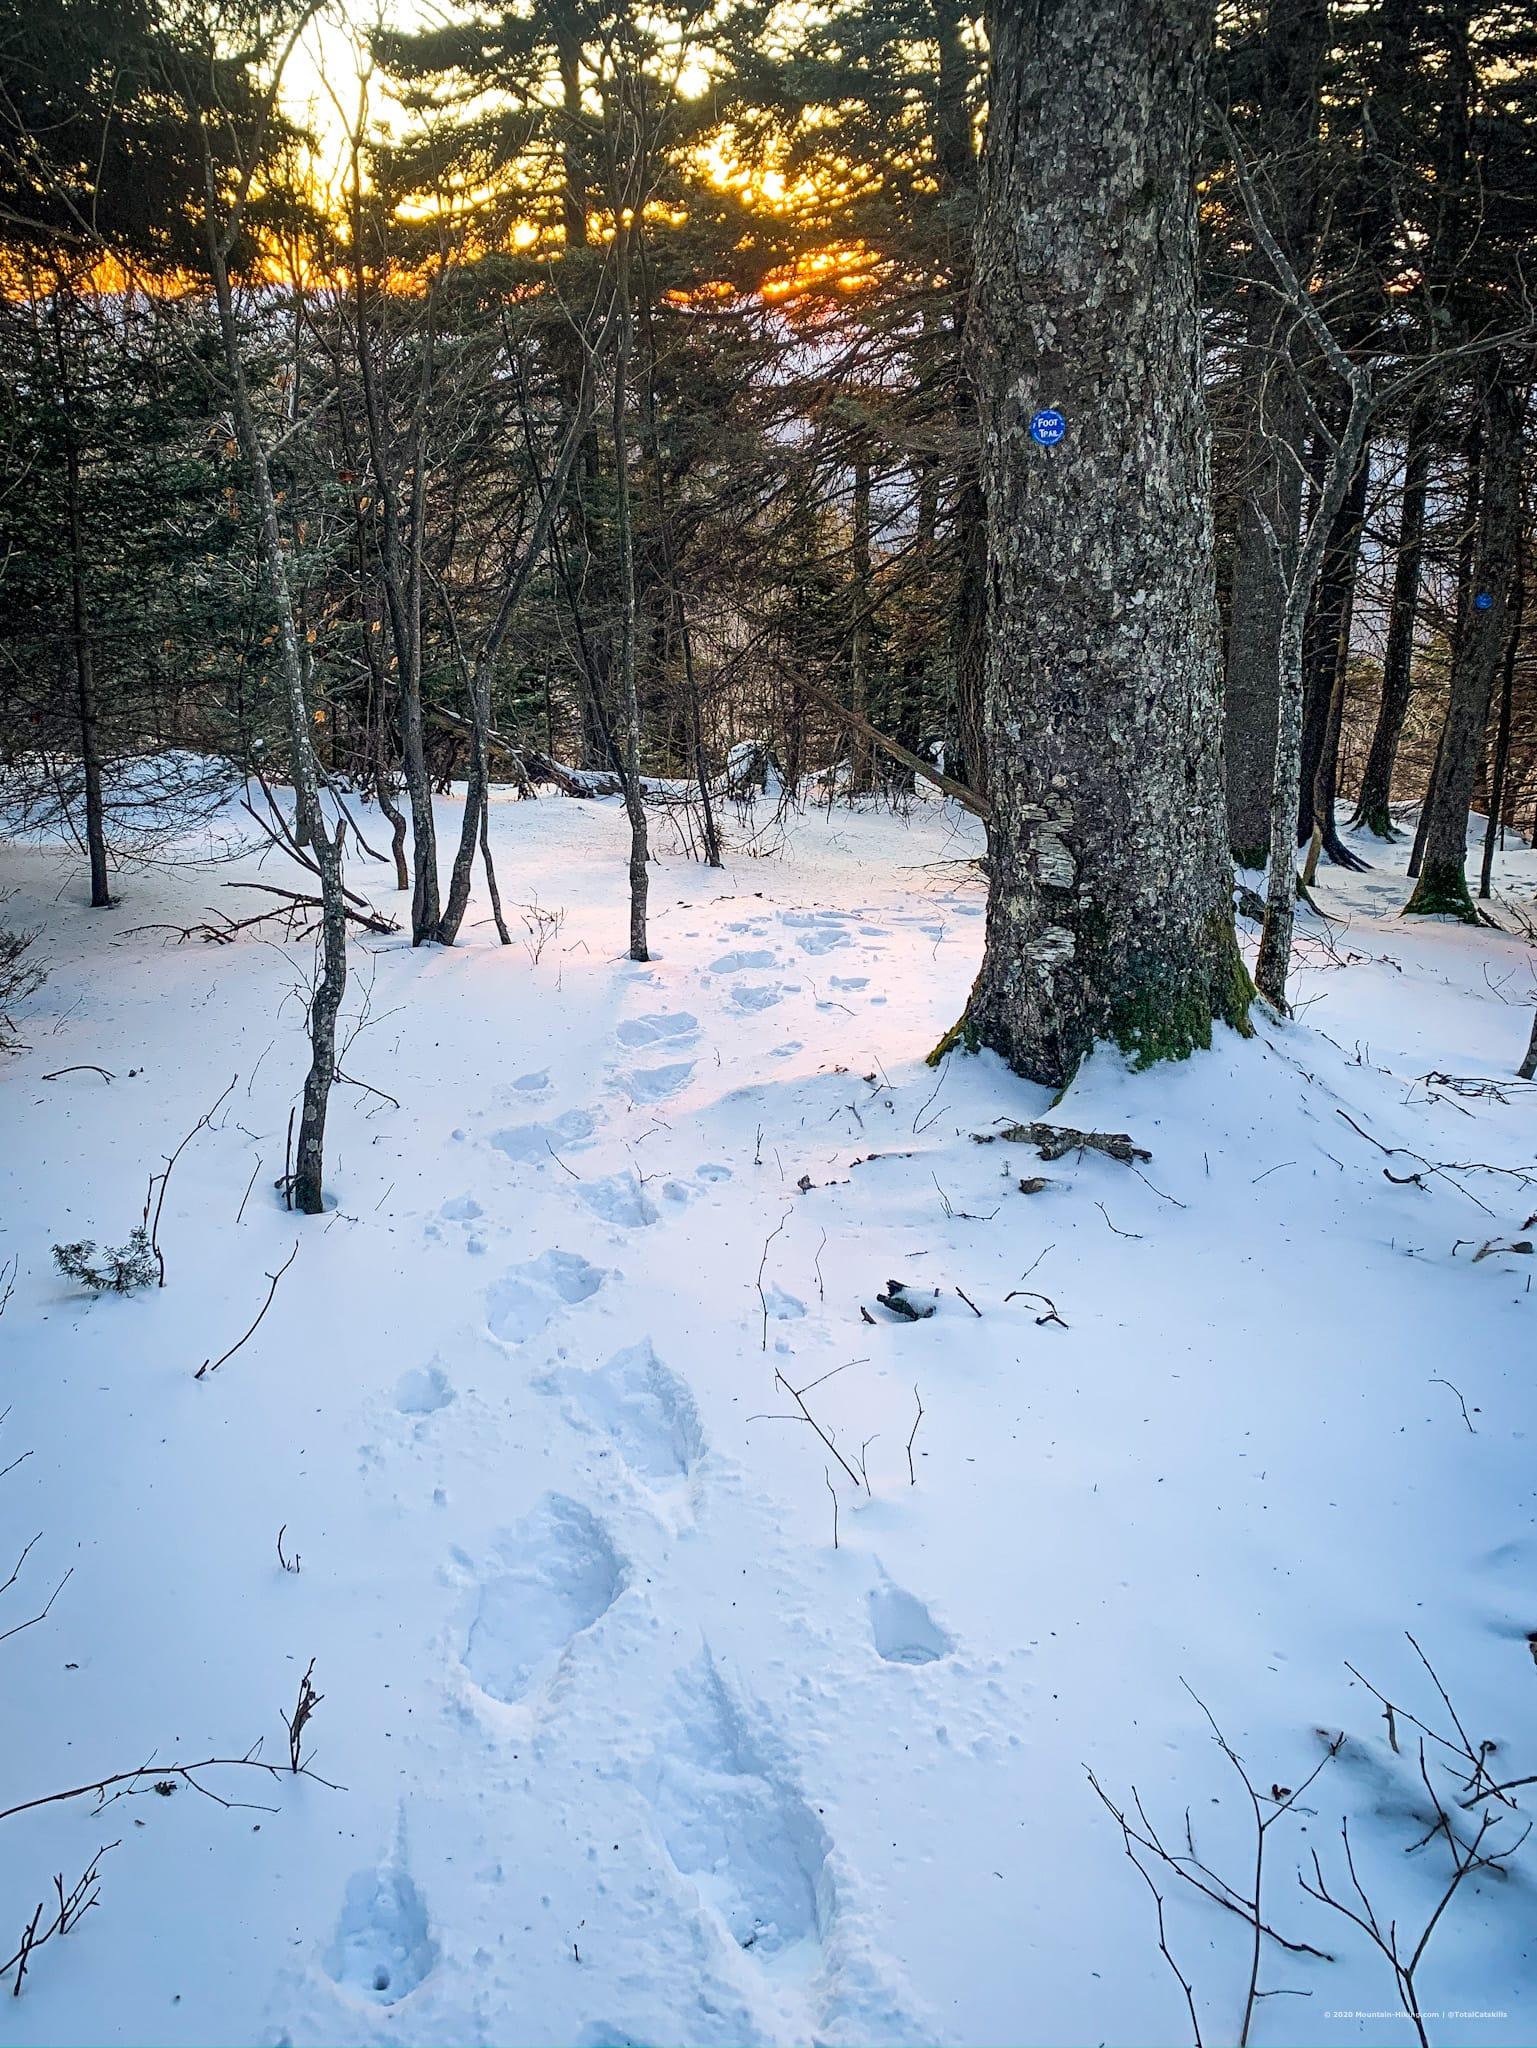 Snow prints, woods